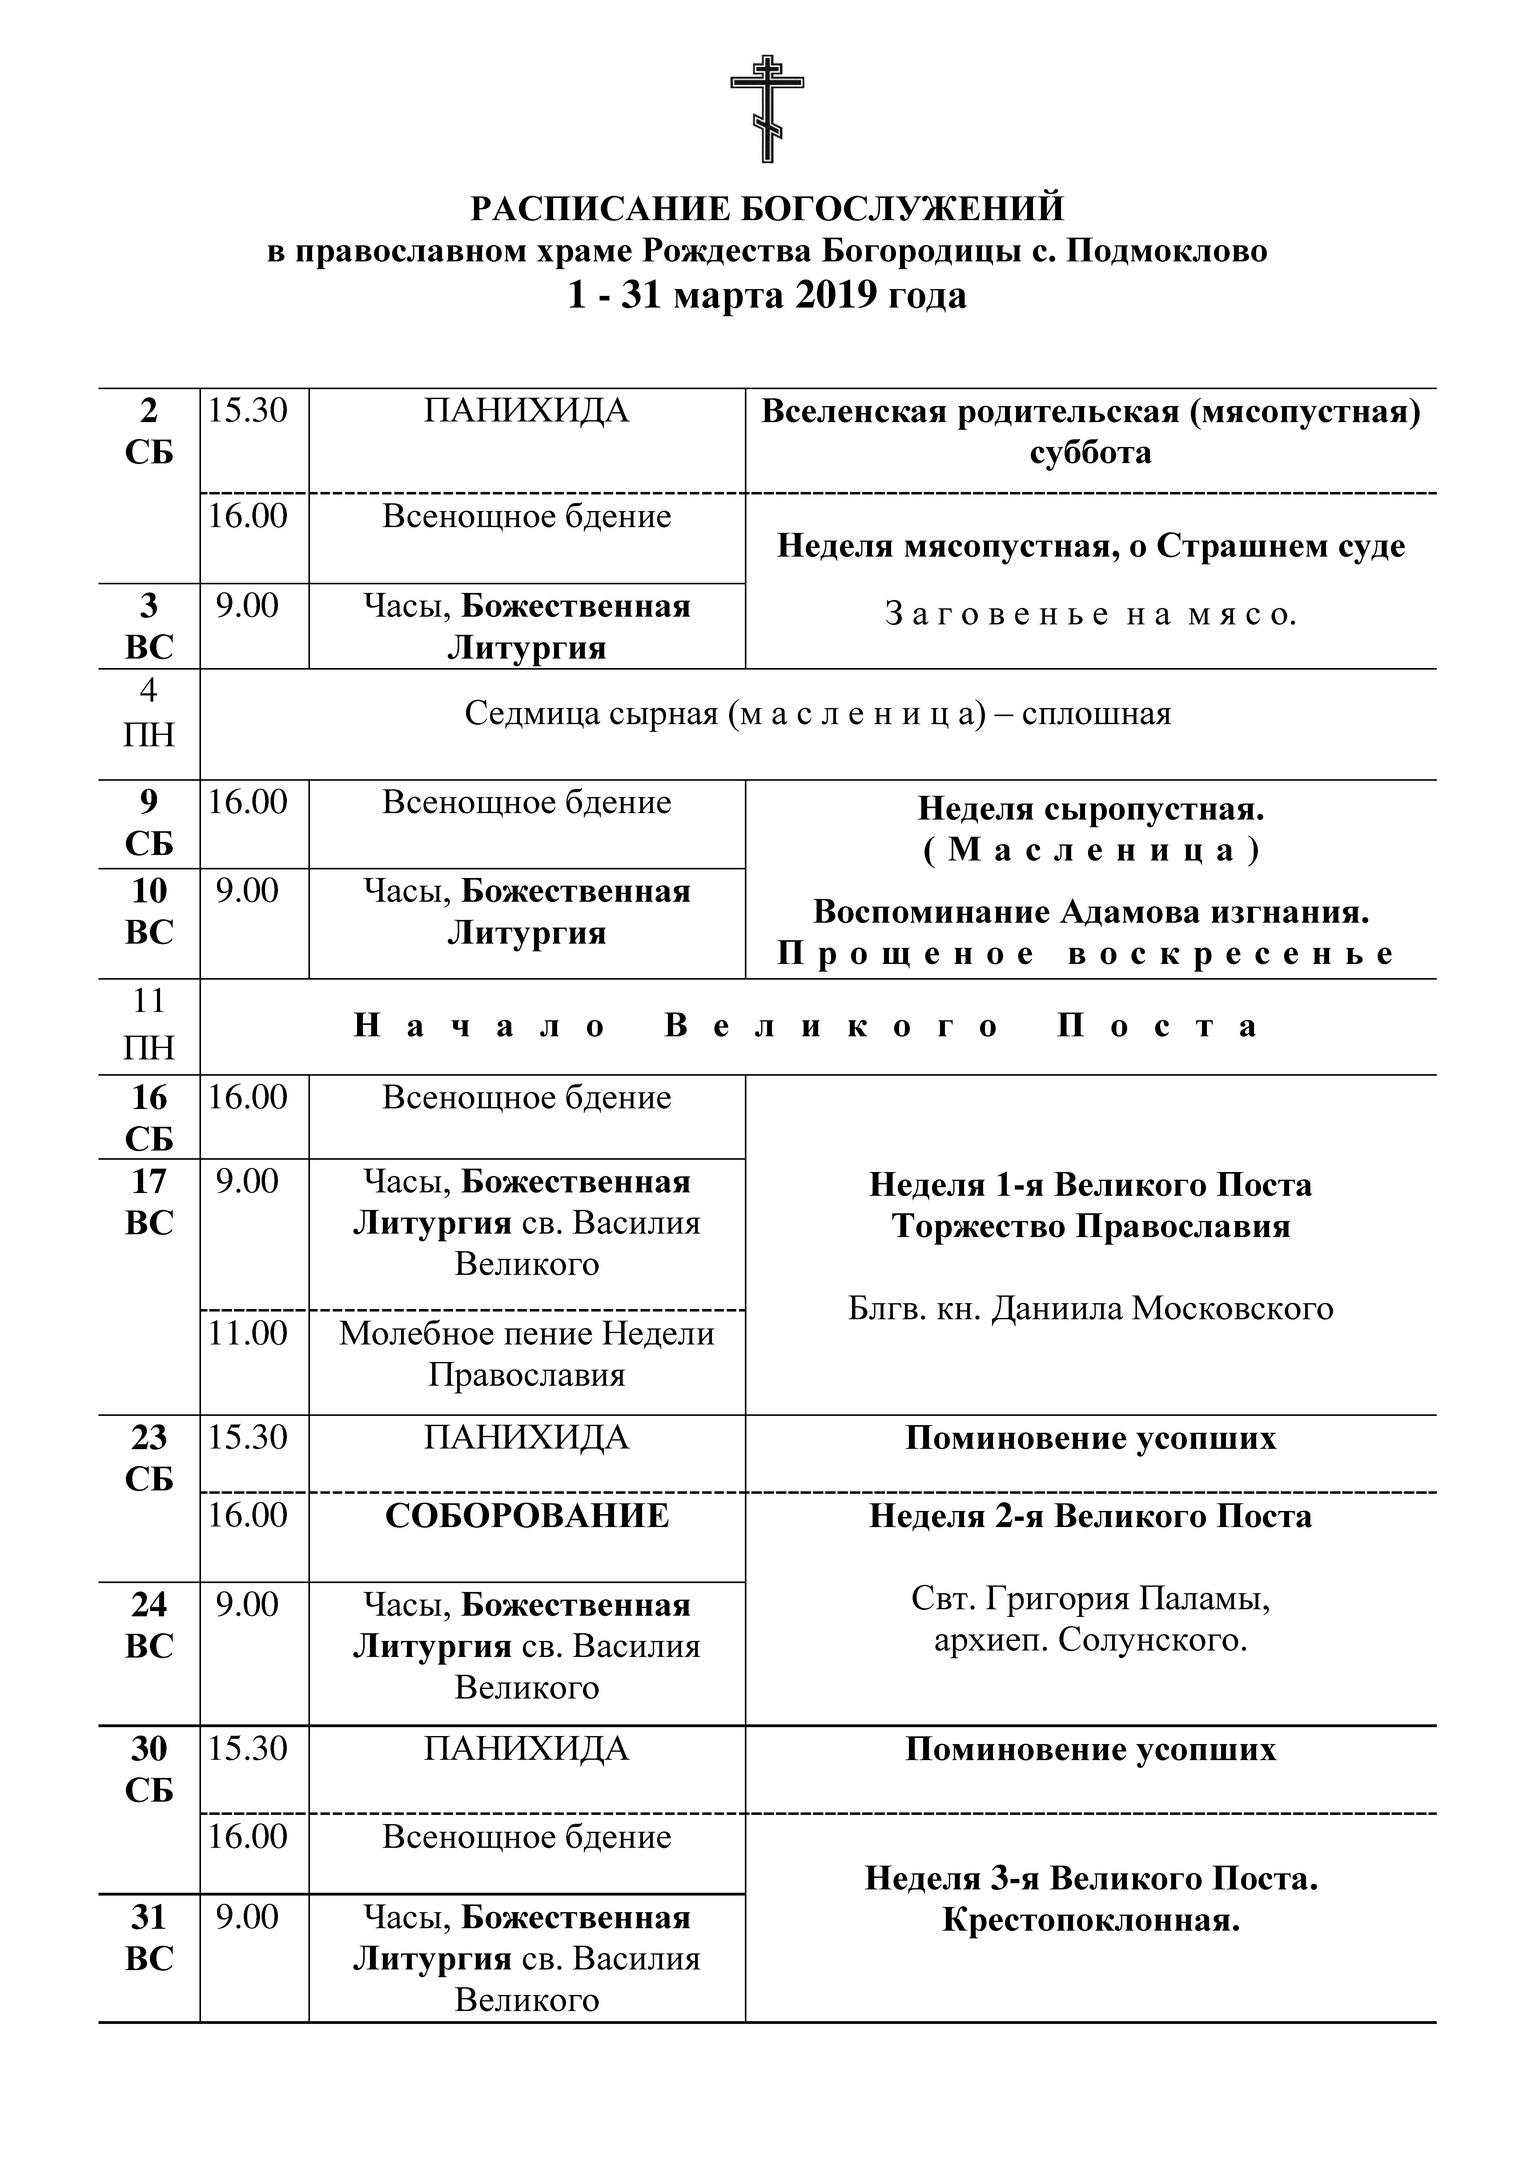 Расписание богослужений в Подмоклово